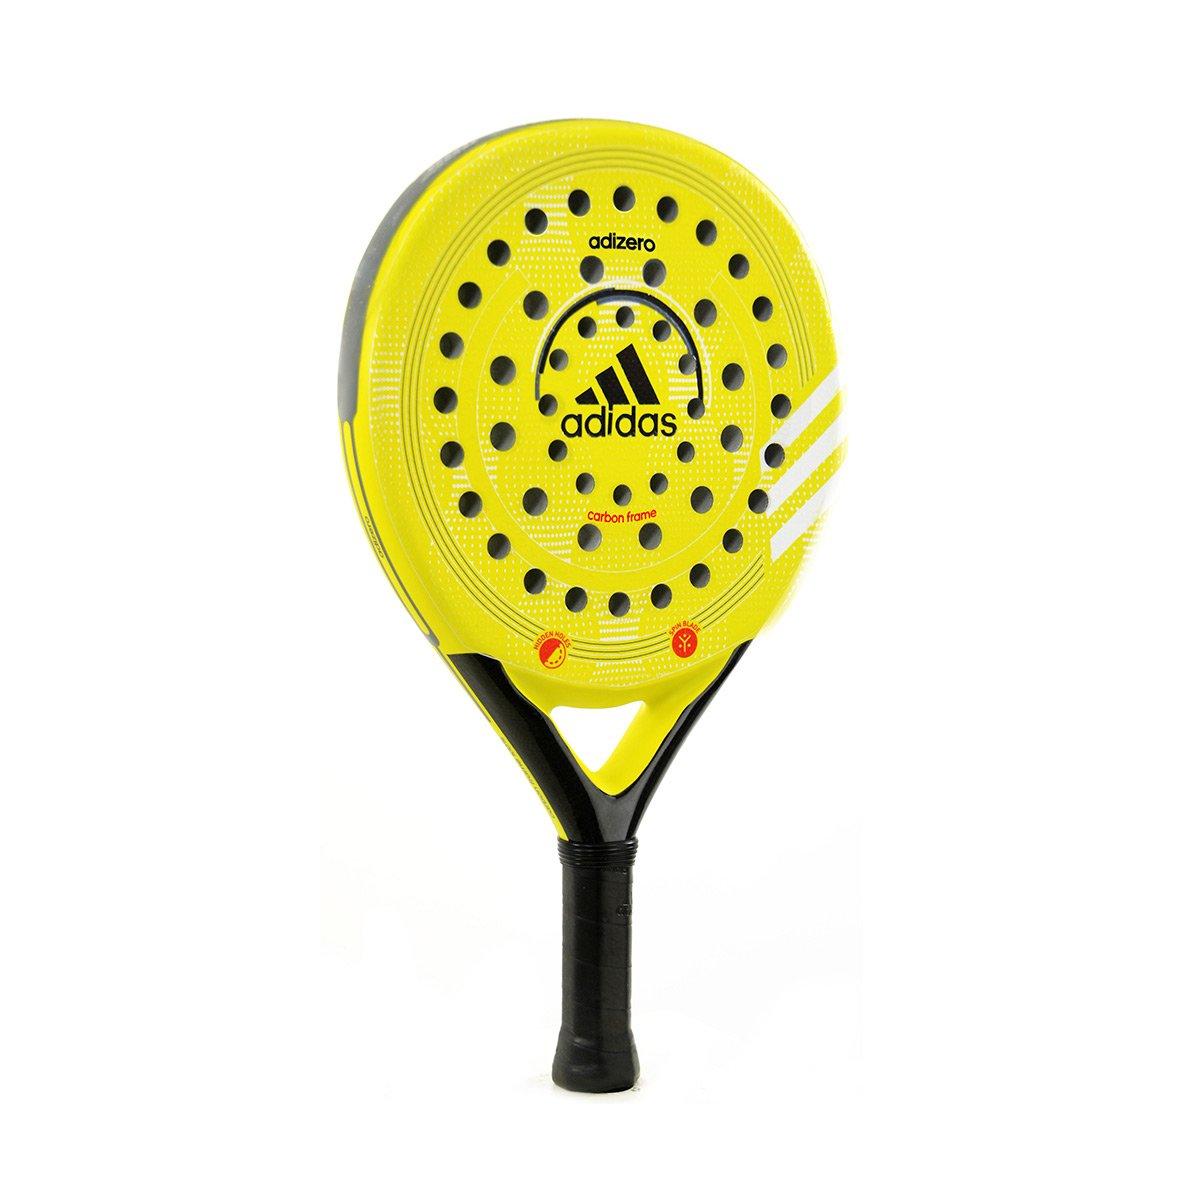 Pala Padel adidas Adizero: Amazon.es: Deportes y aire libre